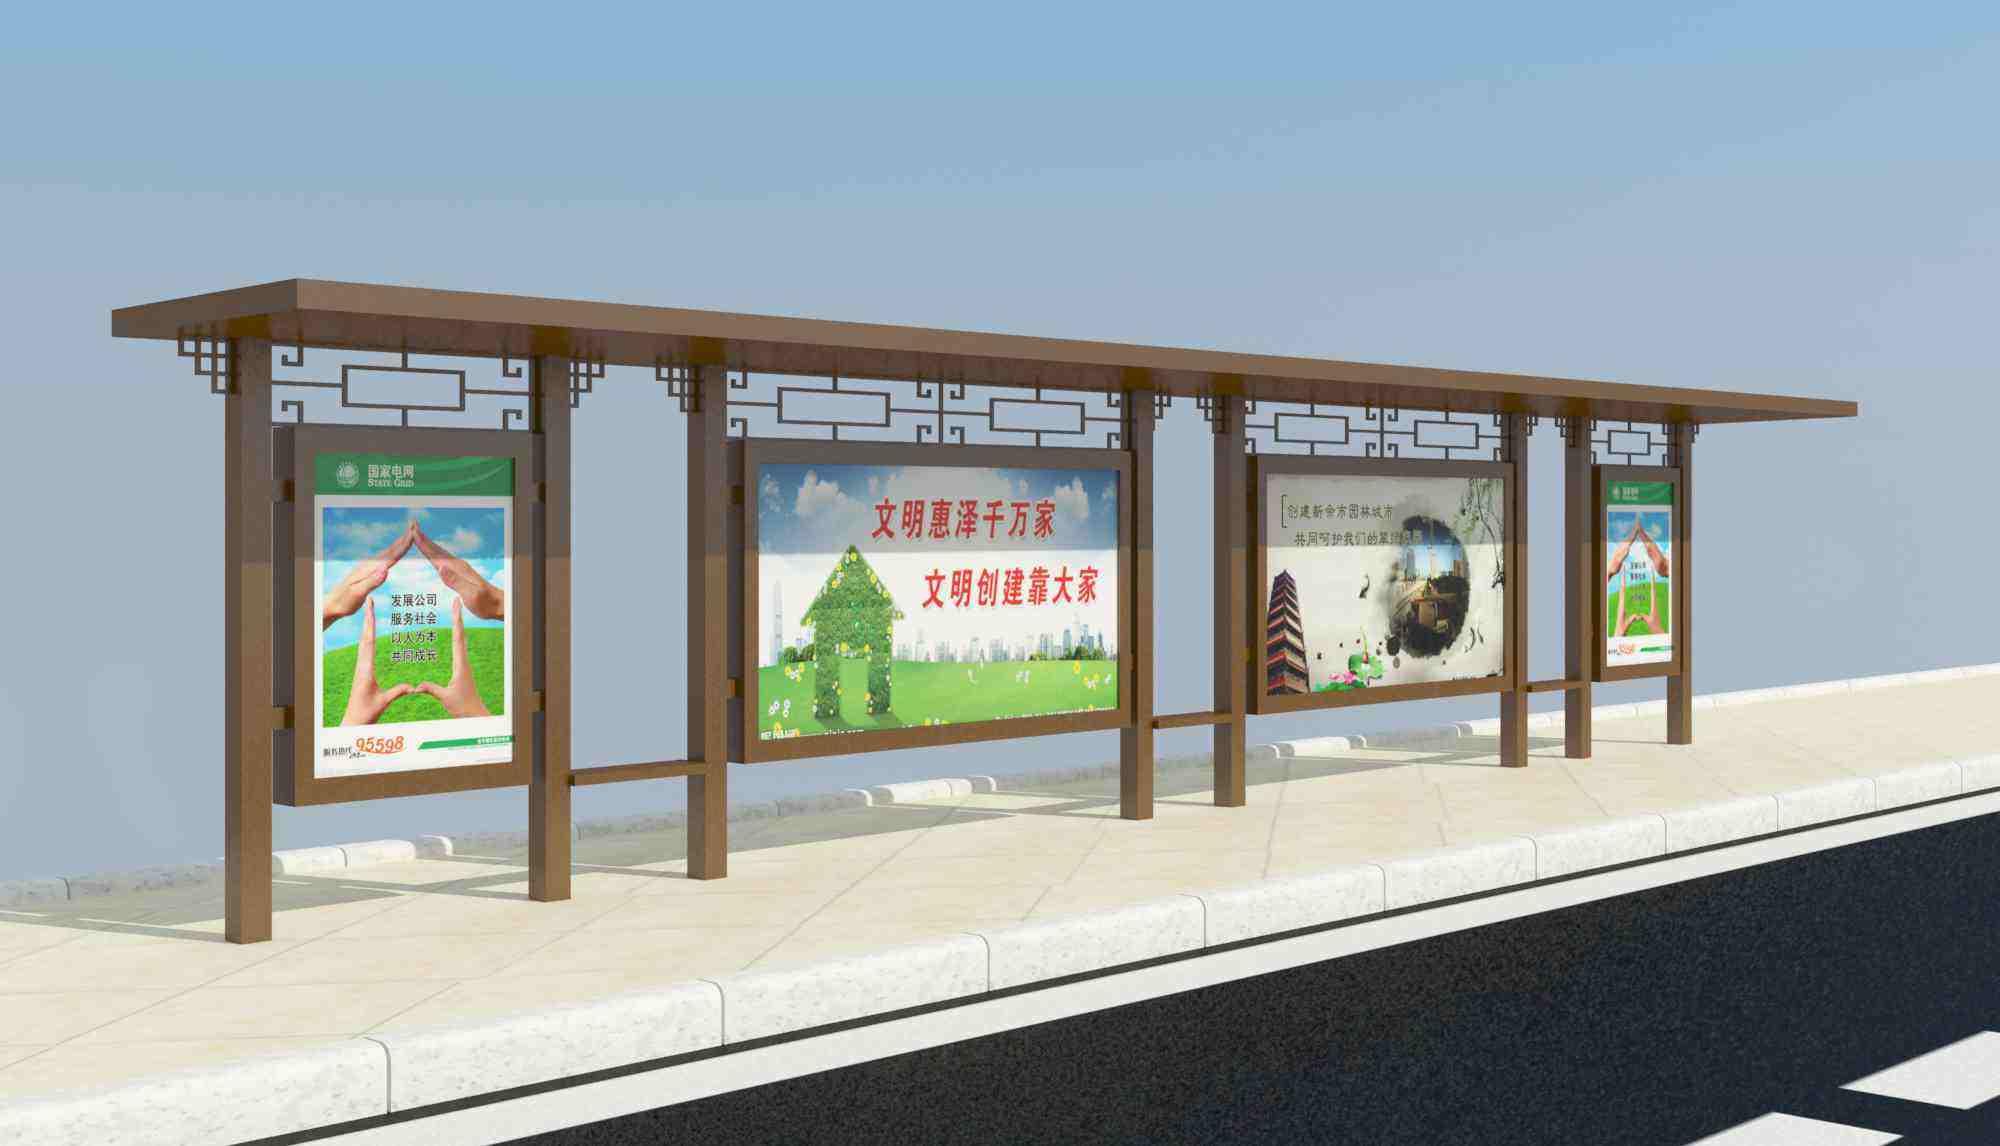 北京公交候车亭业务覆盖全国